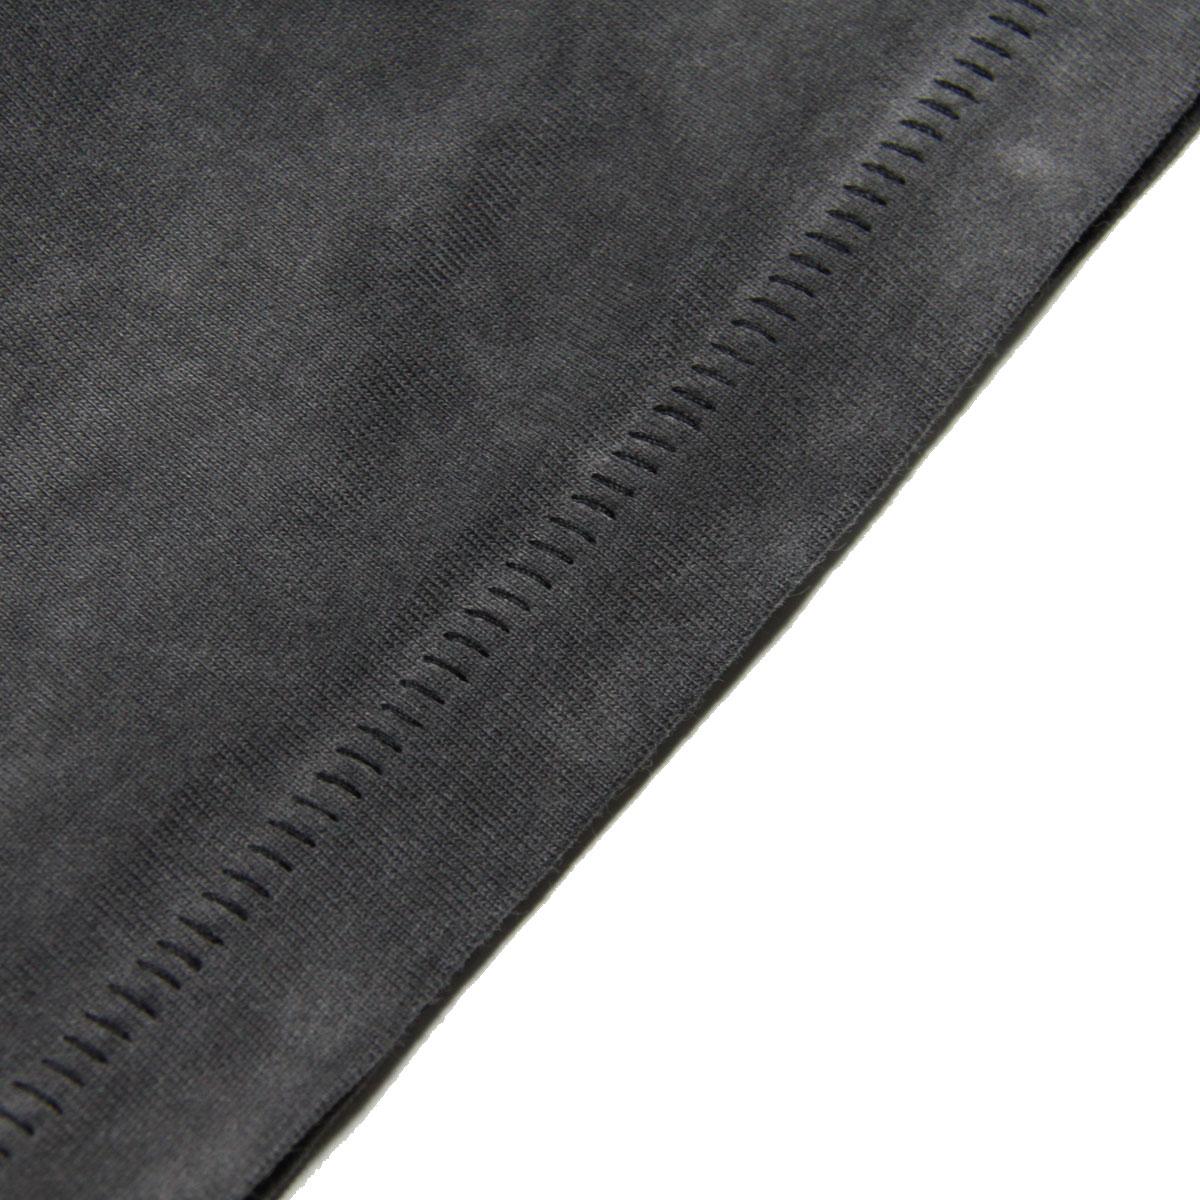 ゼンローブ Tシャツ メンズ 正規販売店 ZANEROBE 半袖Tシャツ クルーネック MARBLE BOX CREW NECK TEE GD BLACK 110-CRF A13B B1C C1D D1E E13F